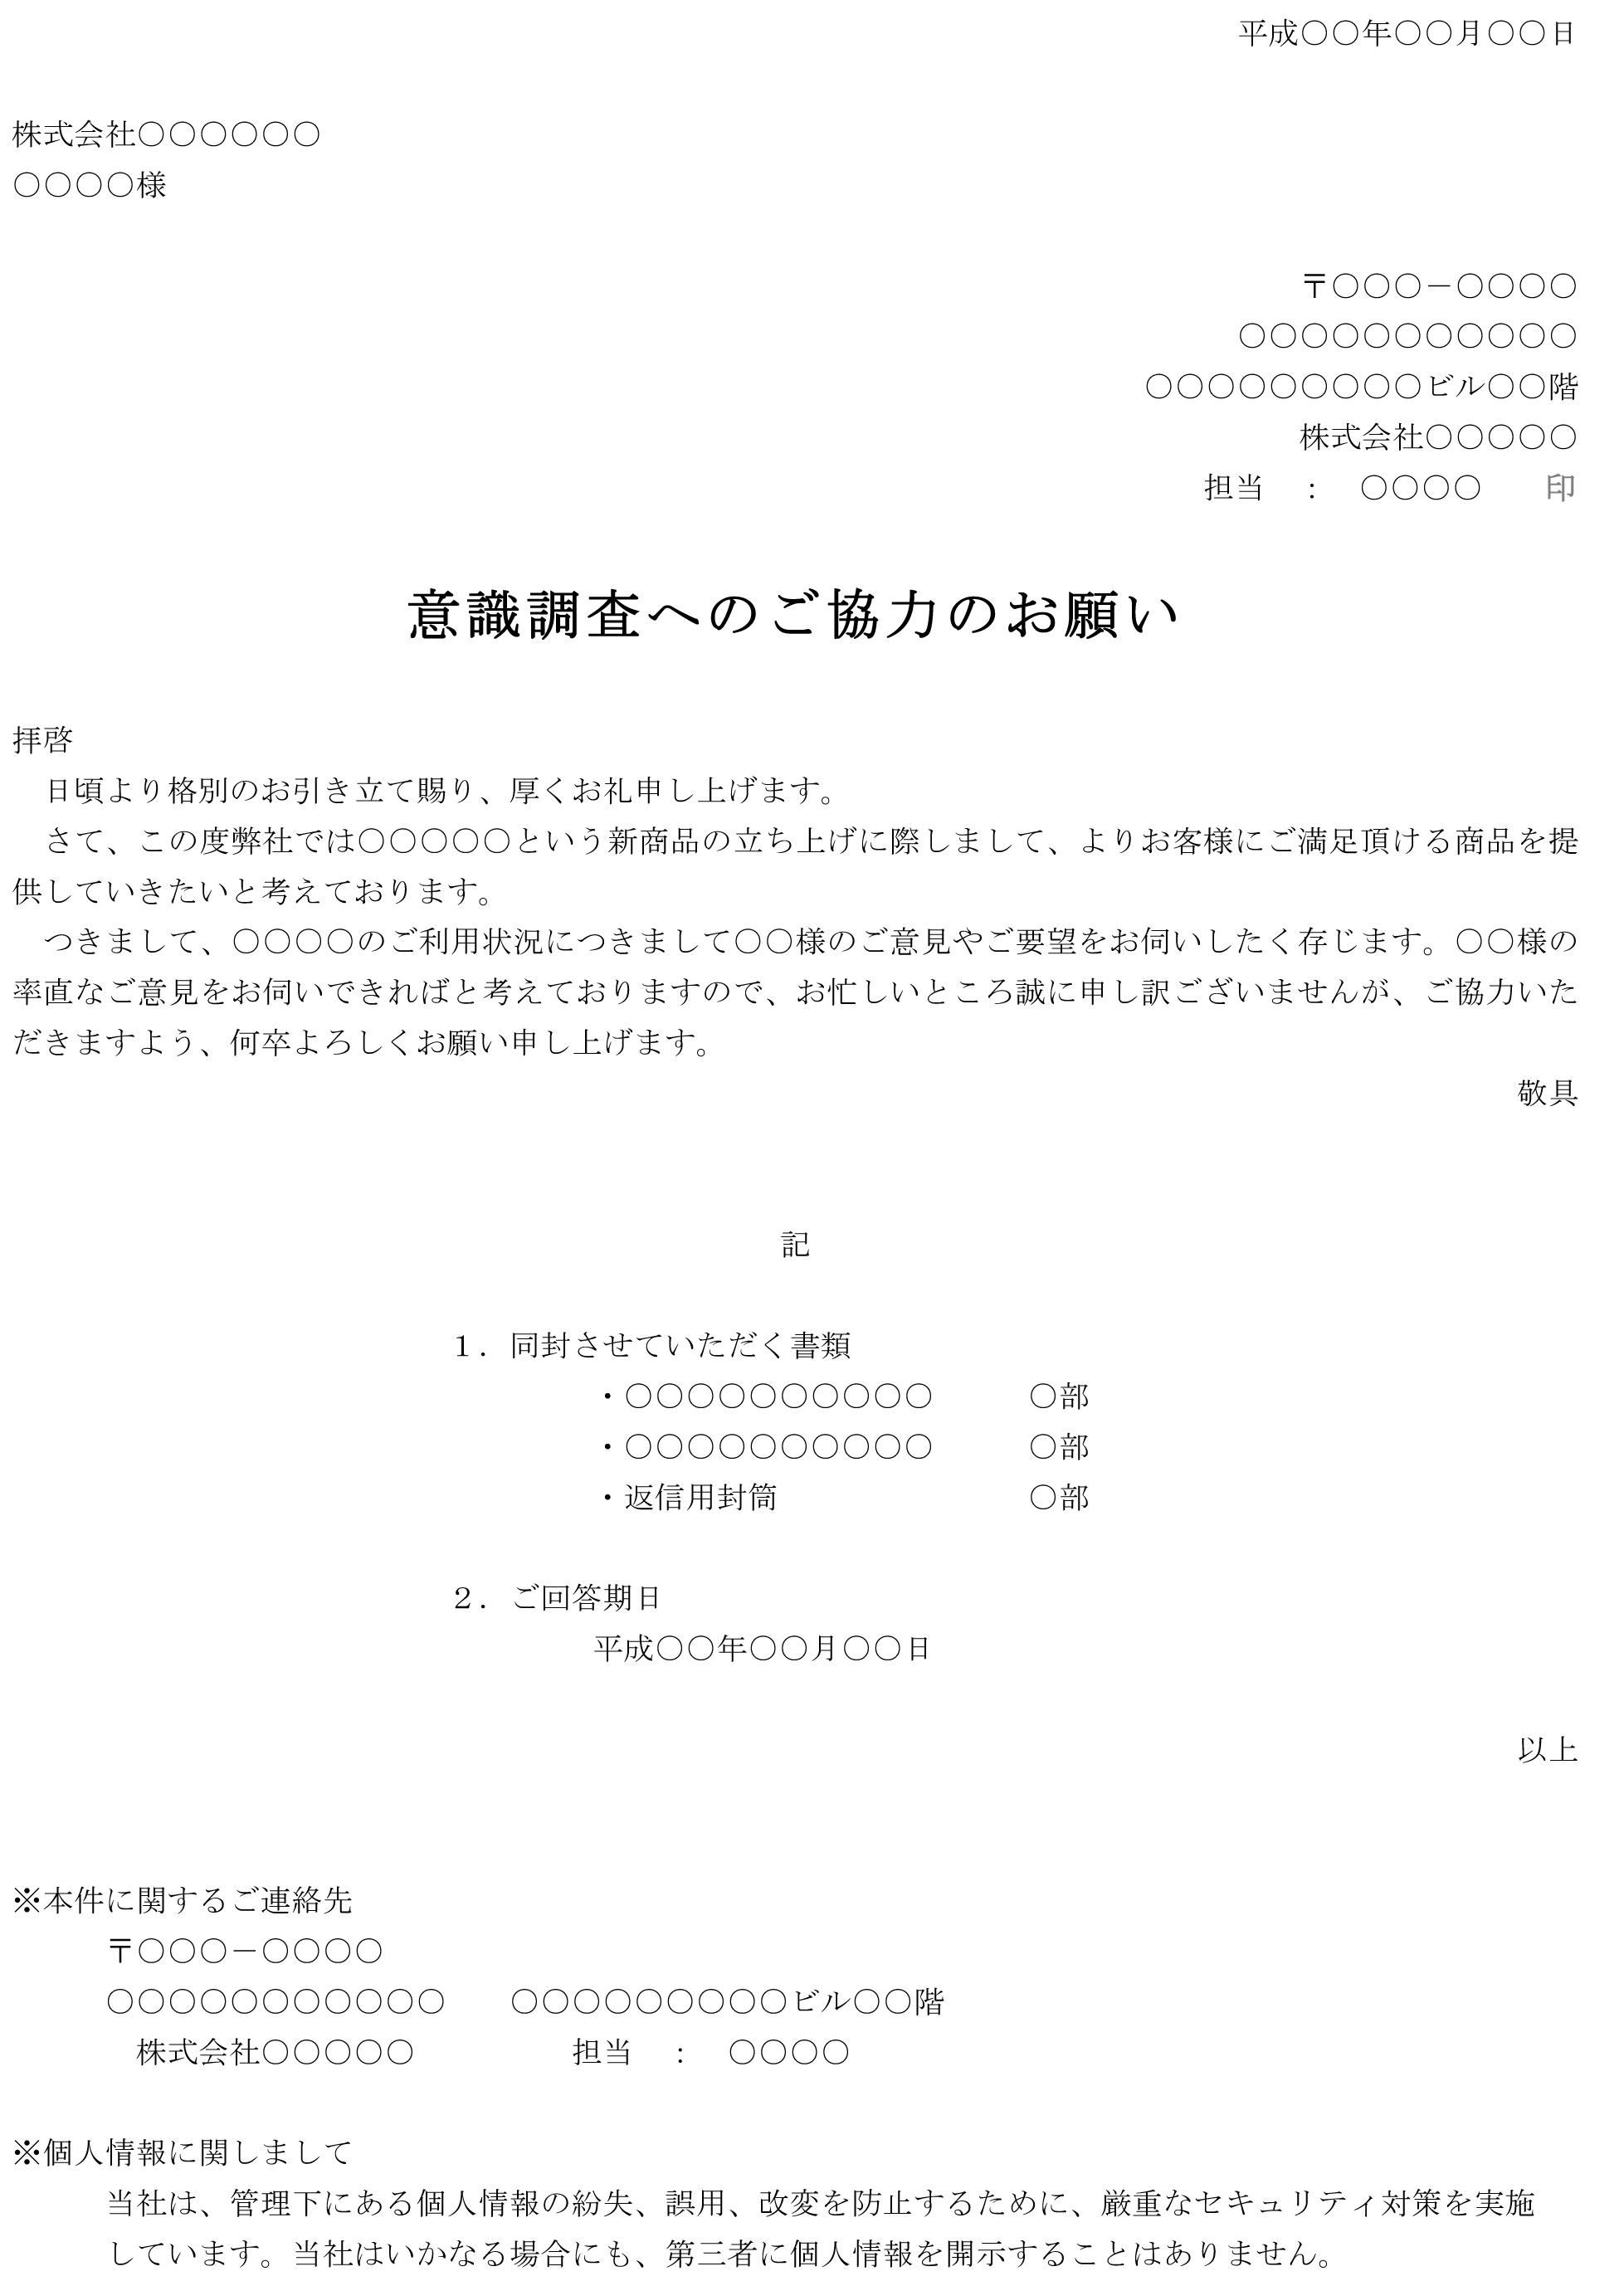 依頼状(アンケート協力)02